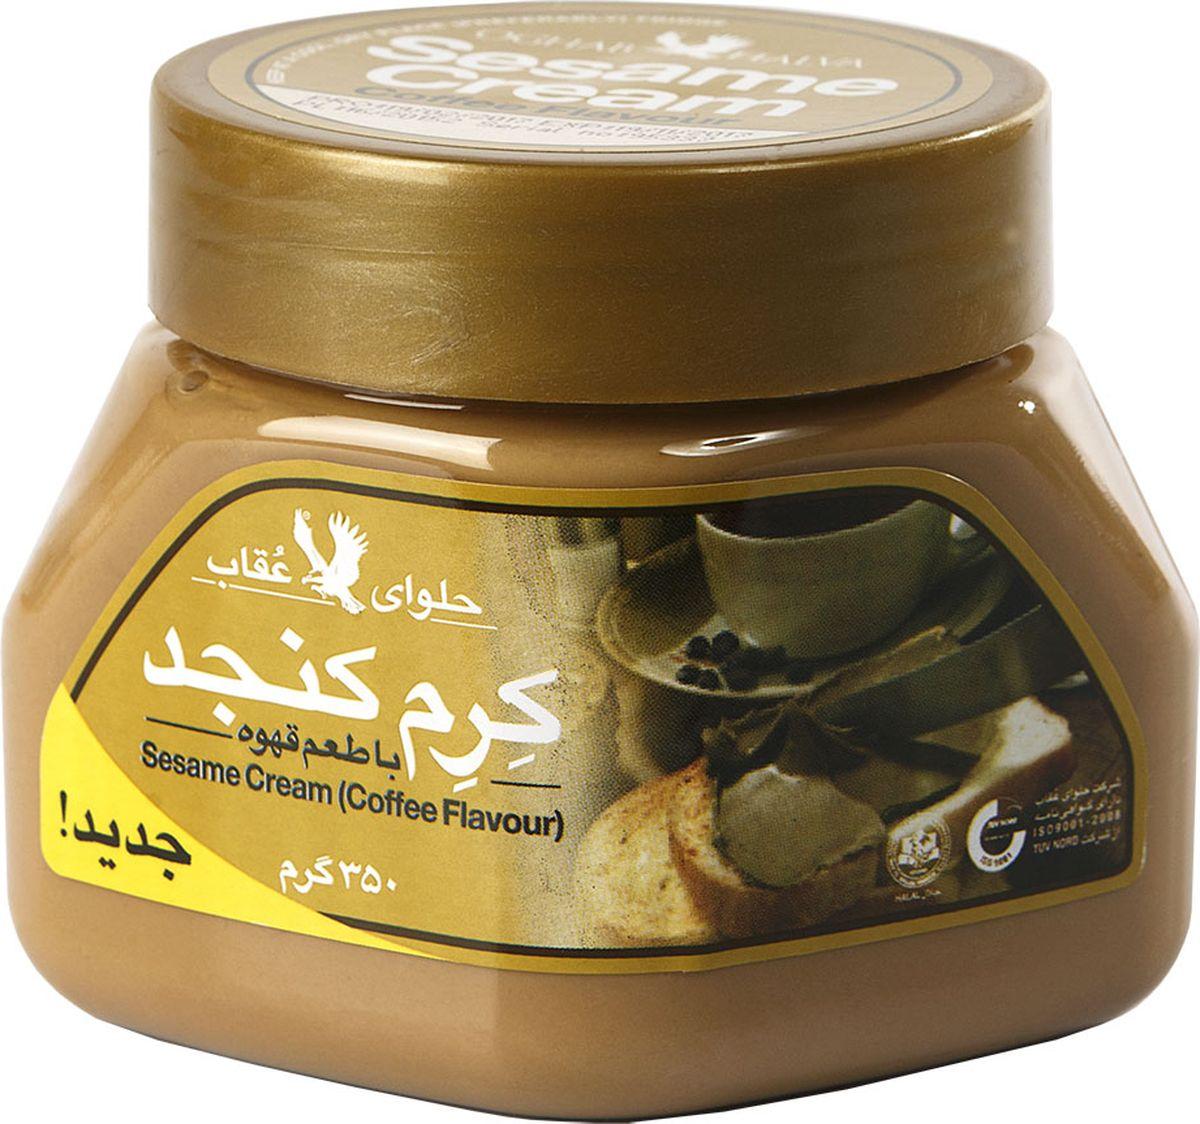 Oghab крем кунжутный с кофе, 350 г вода aqua minerale с газом 0 6 л 12шт